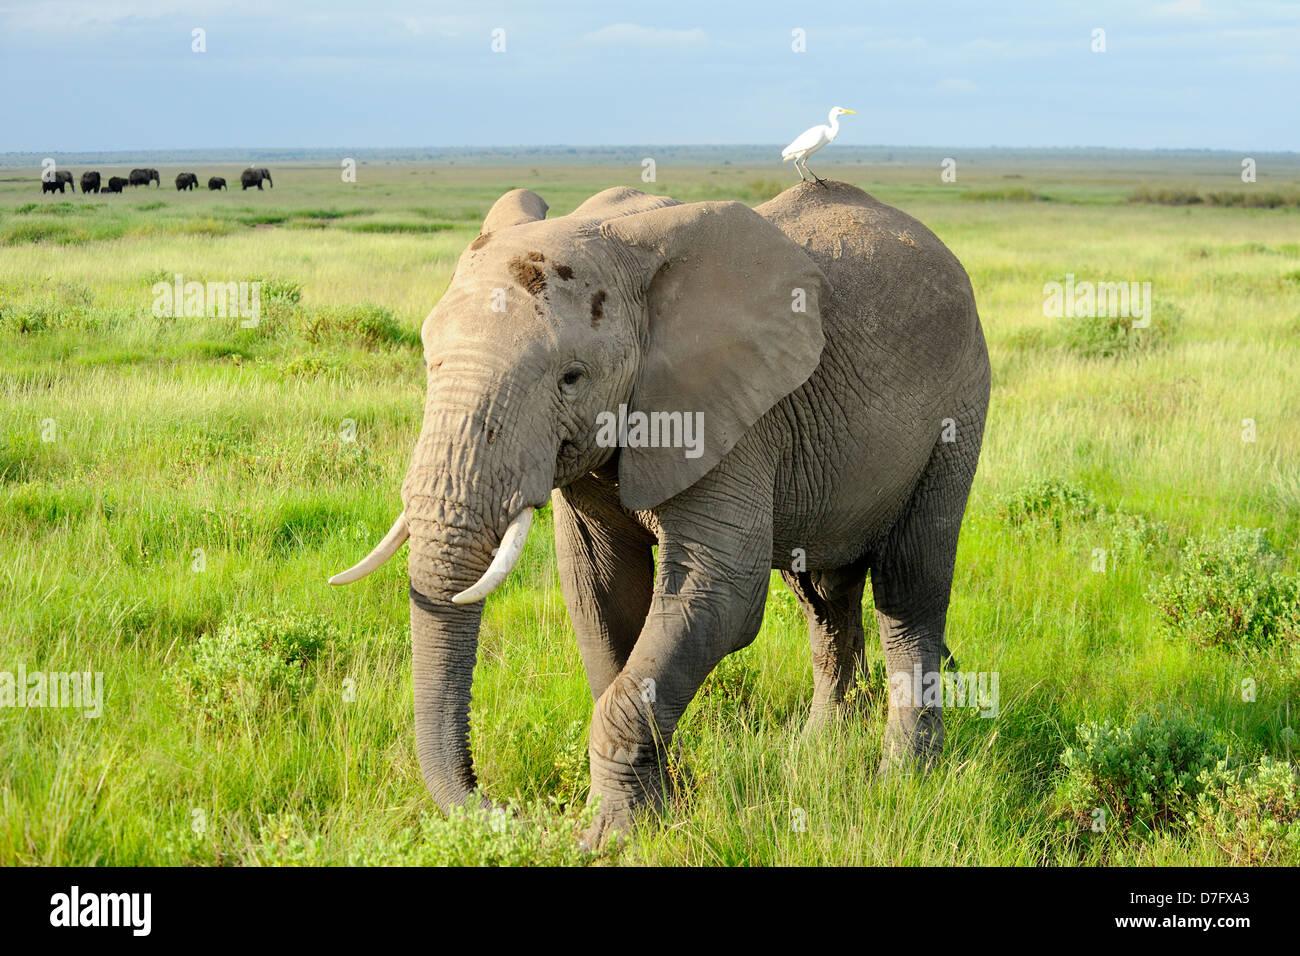 Elephant in Amboseli National Park, Kenya, East Africa - Stock Image